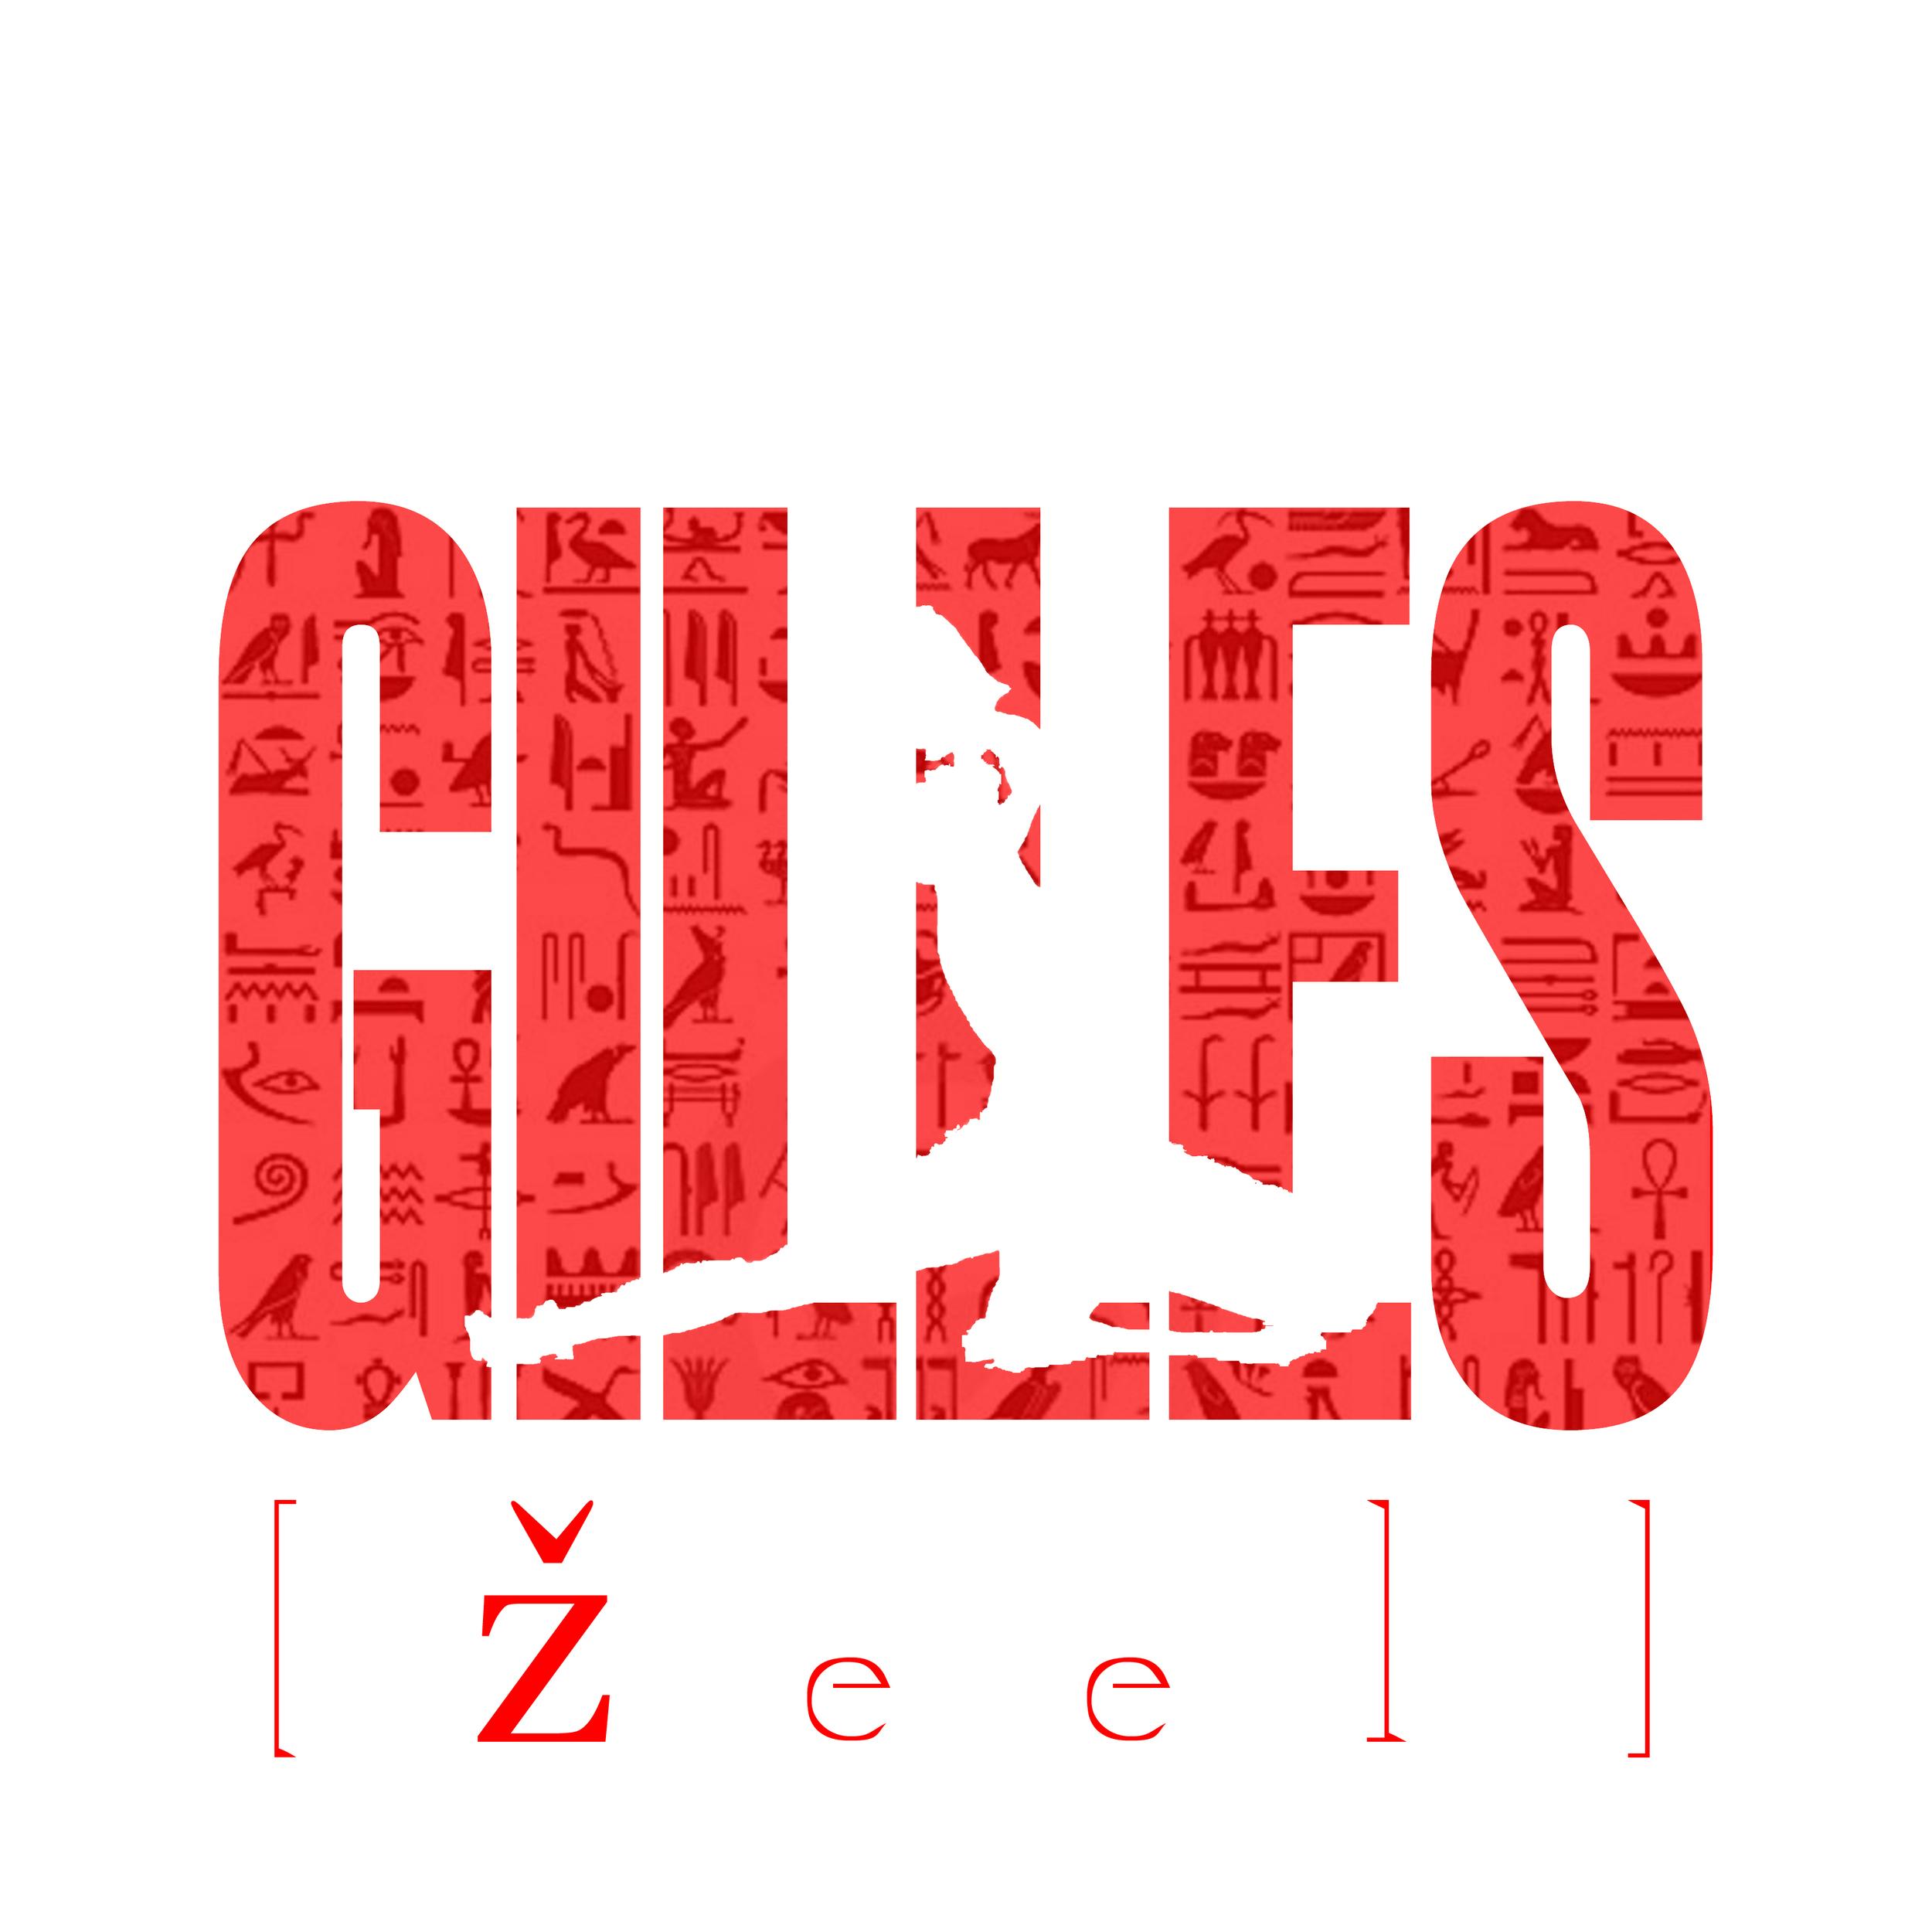 GILLES DESIGNS OFFICIAL LOGO